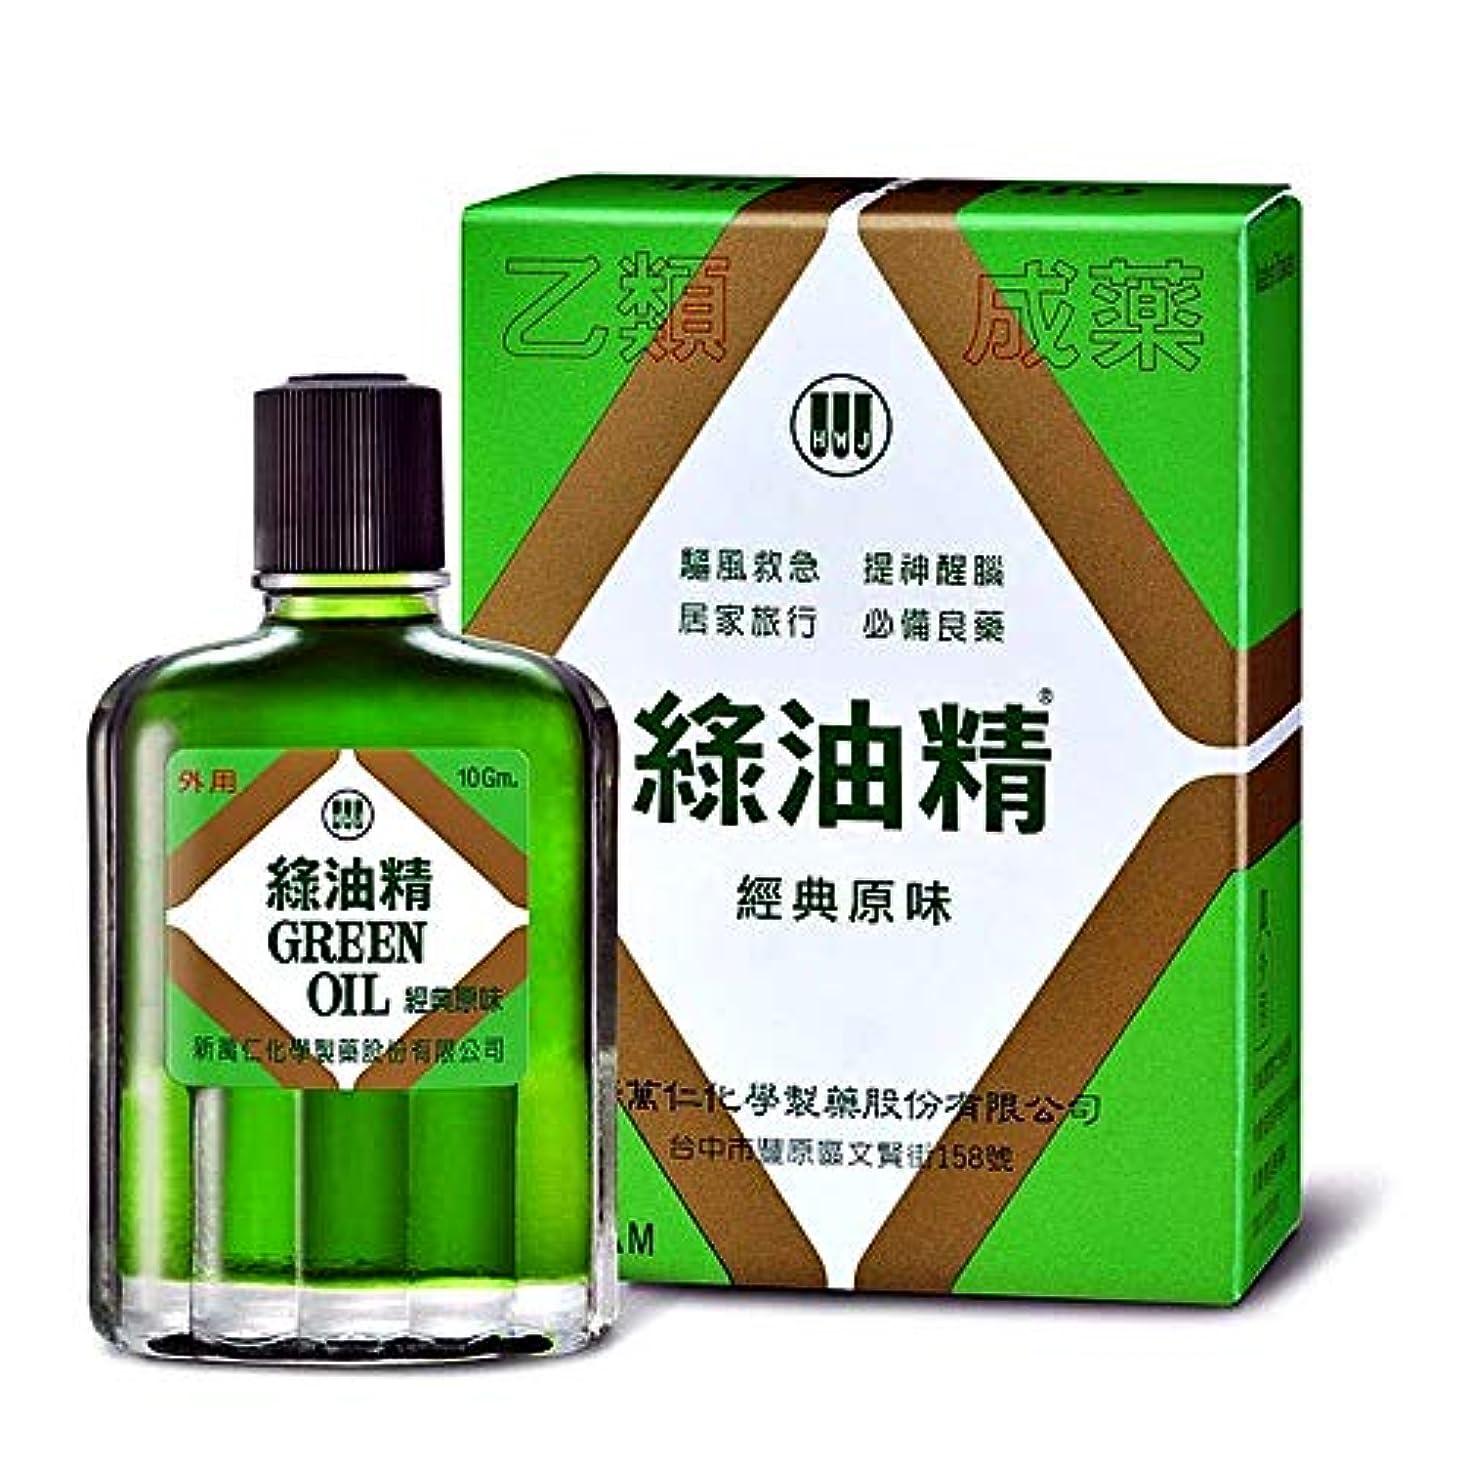 淡い争う持続的《新萬仁》台湾の万能グリーンオイル 緑油精 10g 《台湾 お土産》 [並行輸入品]